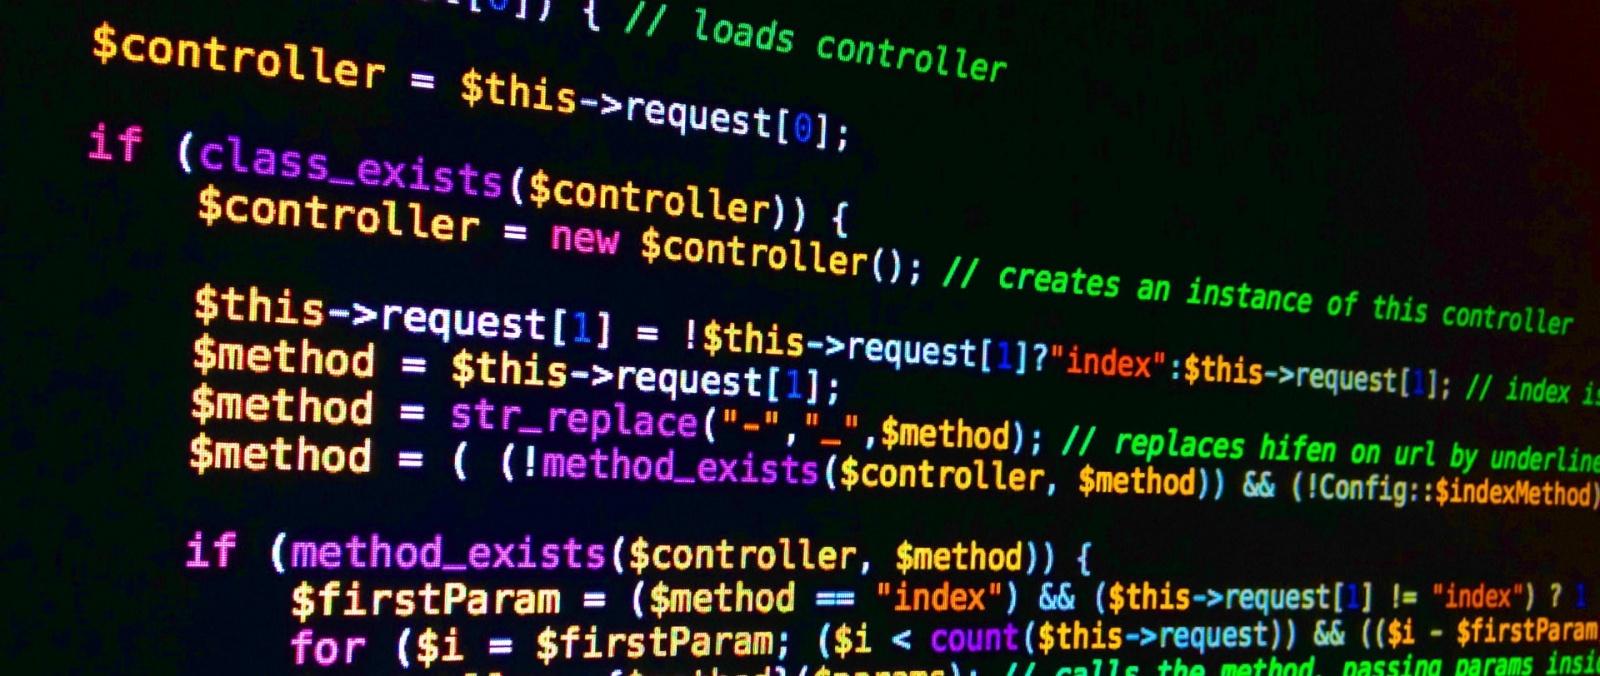 Переезд веб-портала: от монолита к микросервисной архитектуре - 3